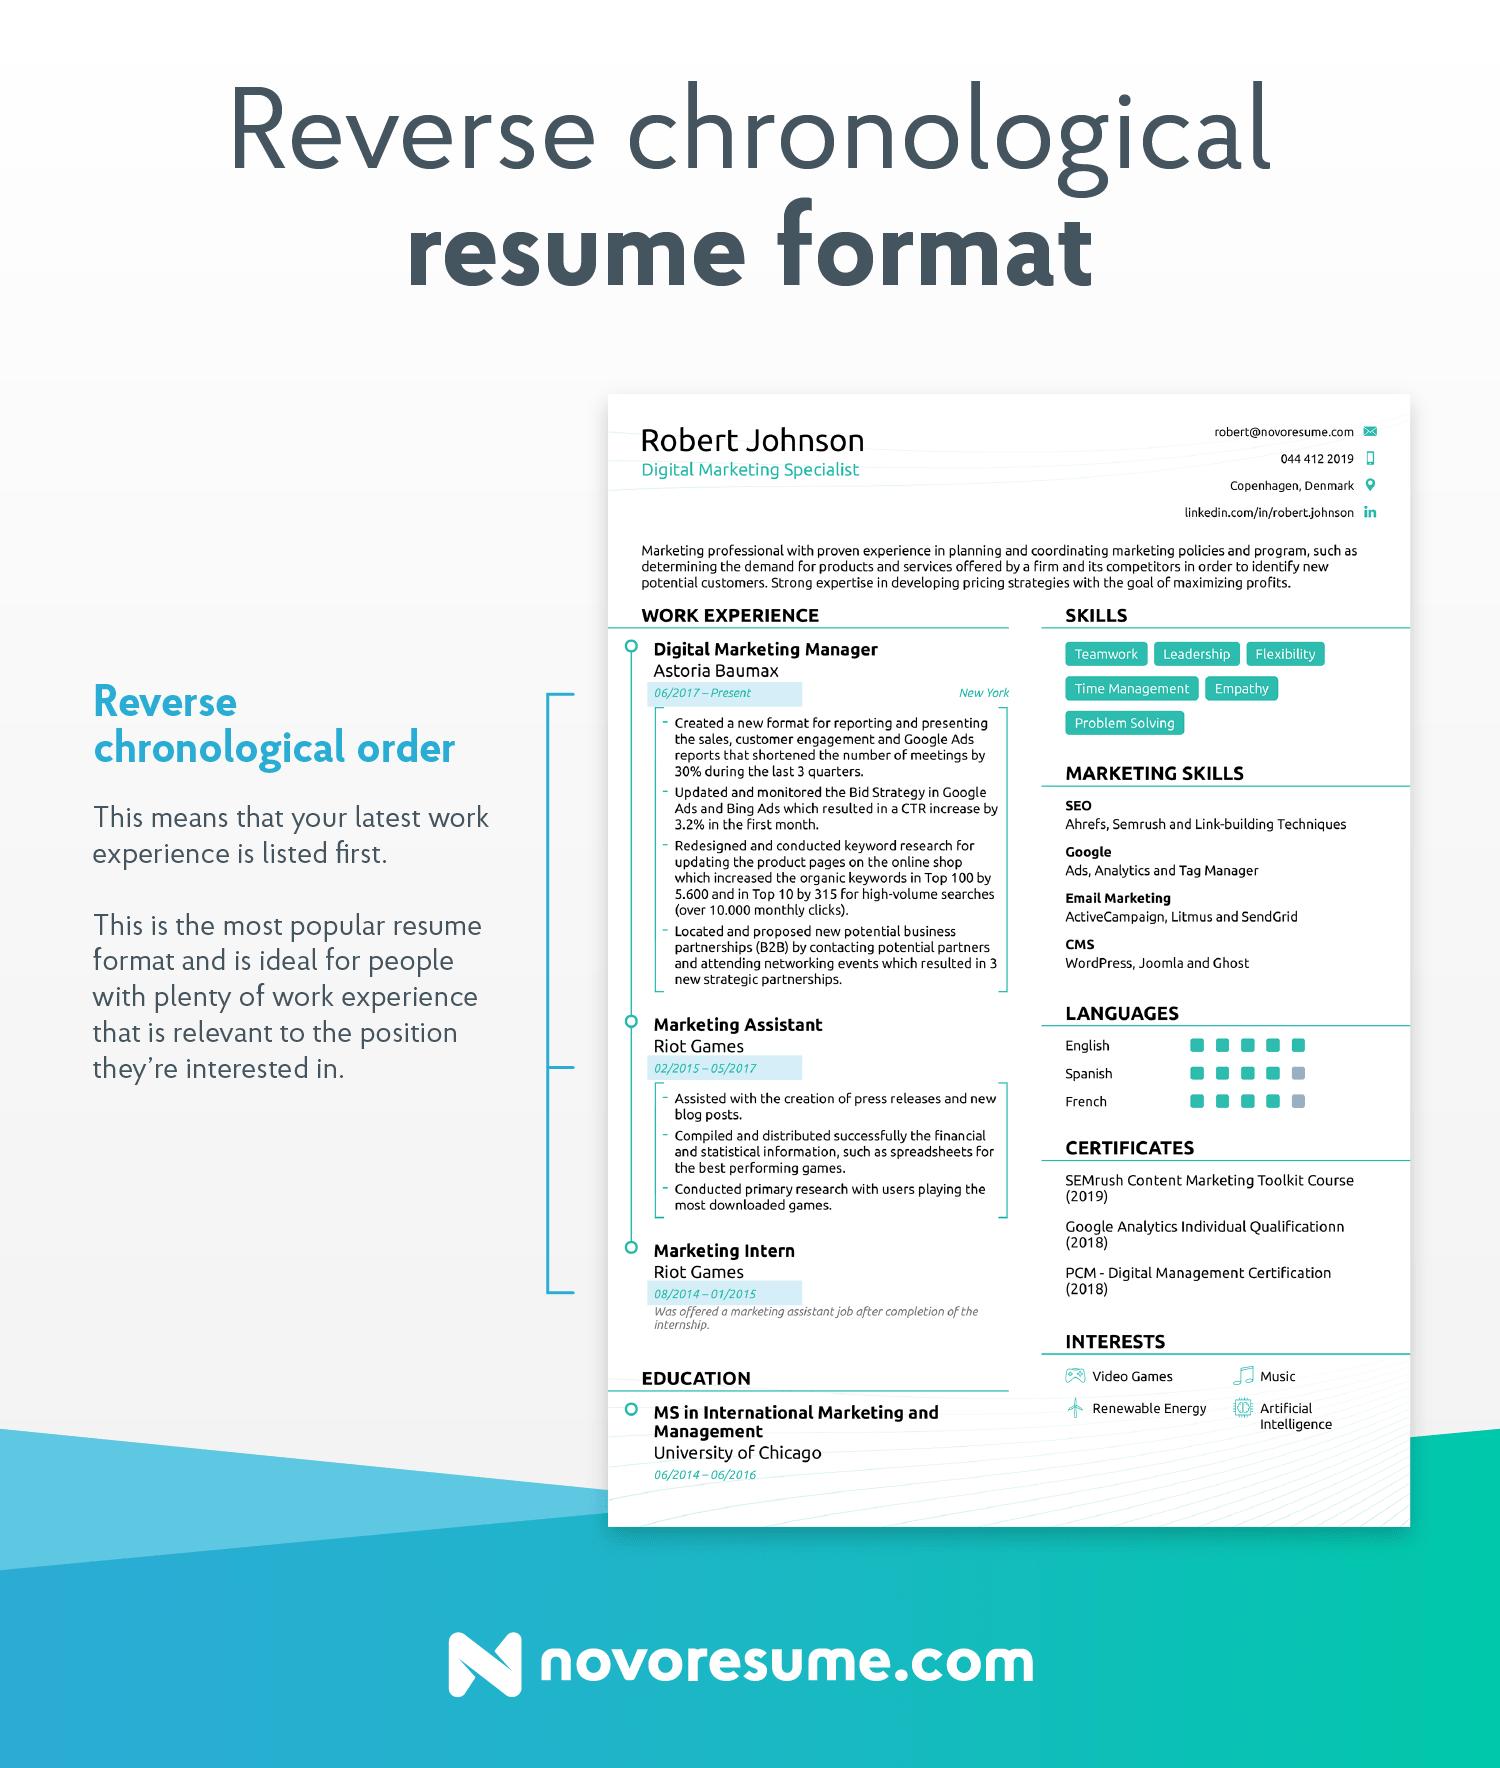 program manager reverse chronological